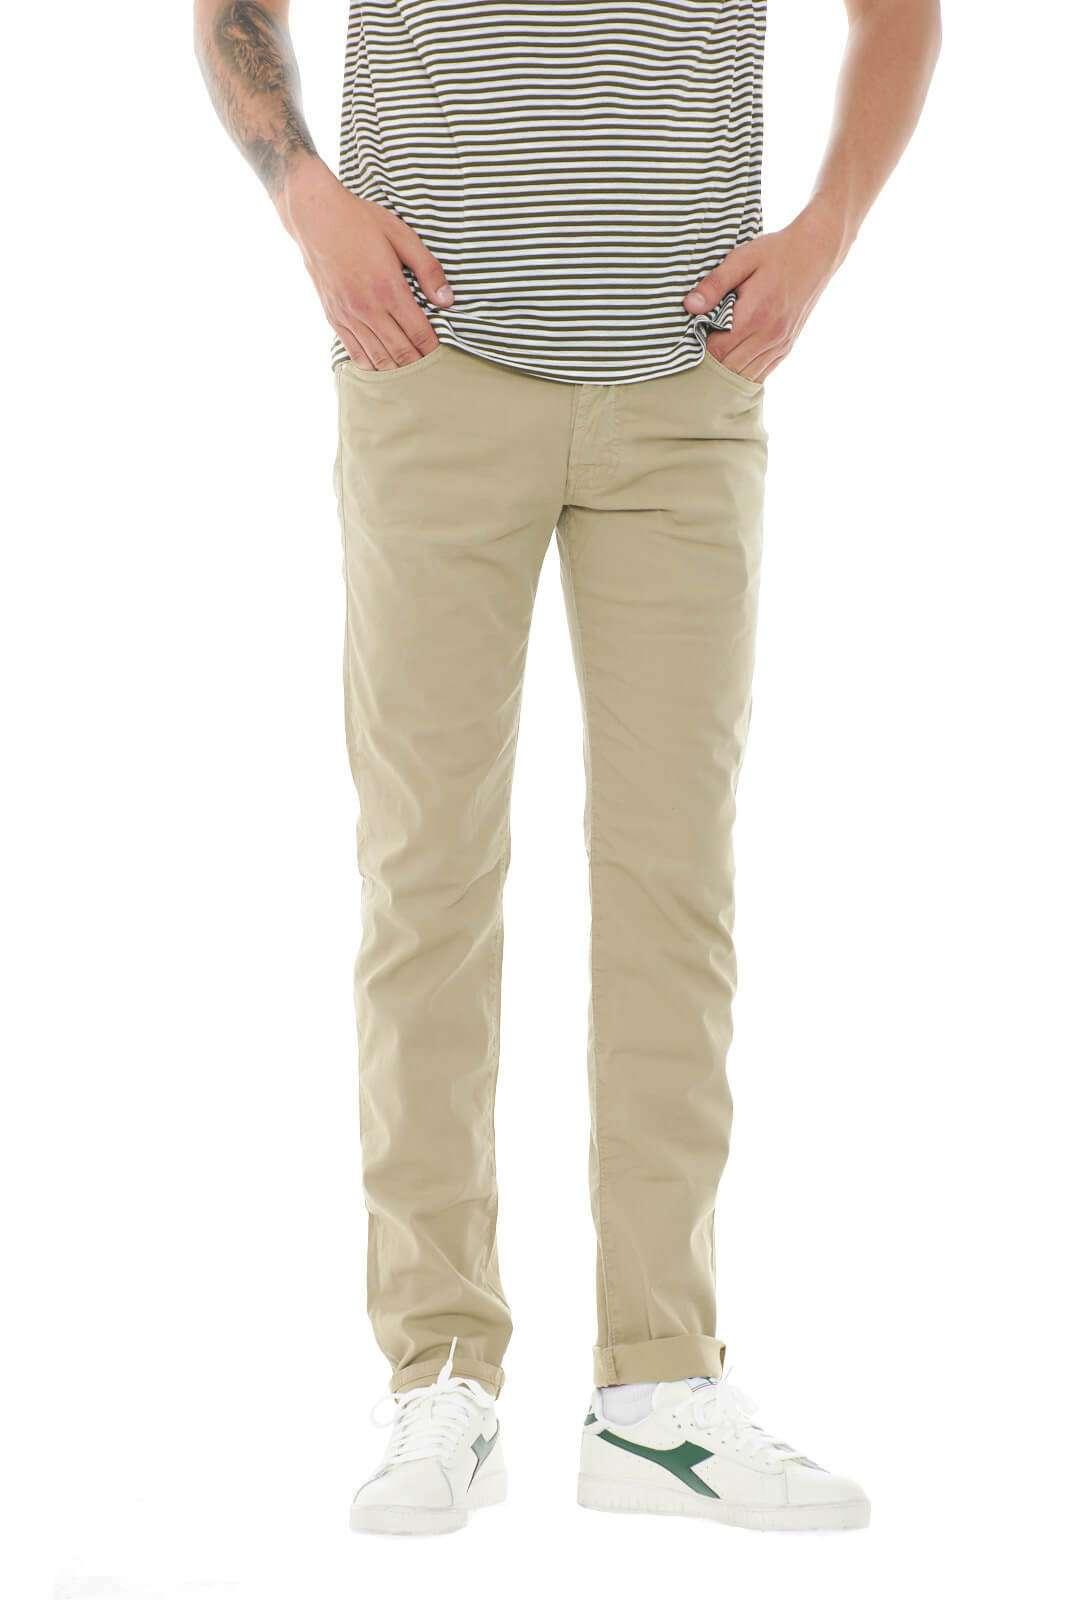 Scopri gli iconici pantaloni dal modello cinque tasche proposti dalla collezione Roy Roger's. Da abbinare con una maglia o una T shirt vestono anche le calde giornate grazie al leggero cotone. Un essential del guardaroba maschile.